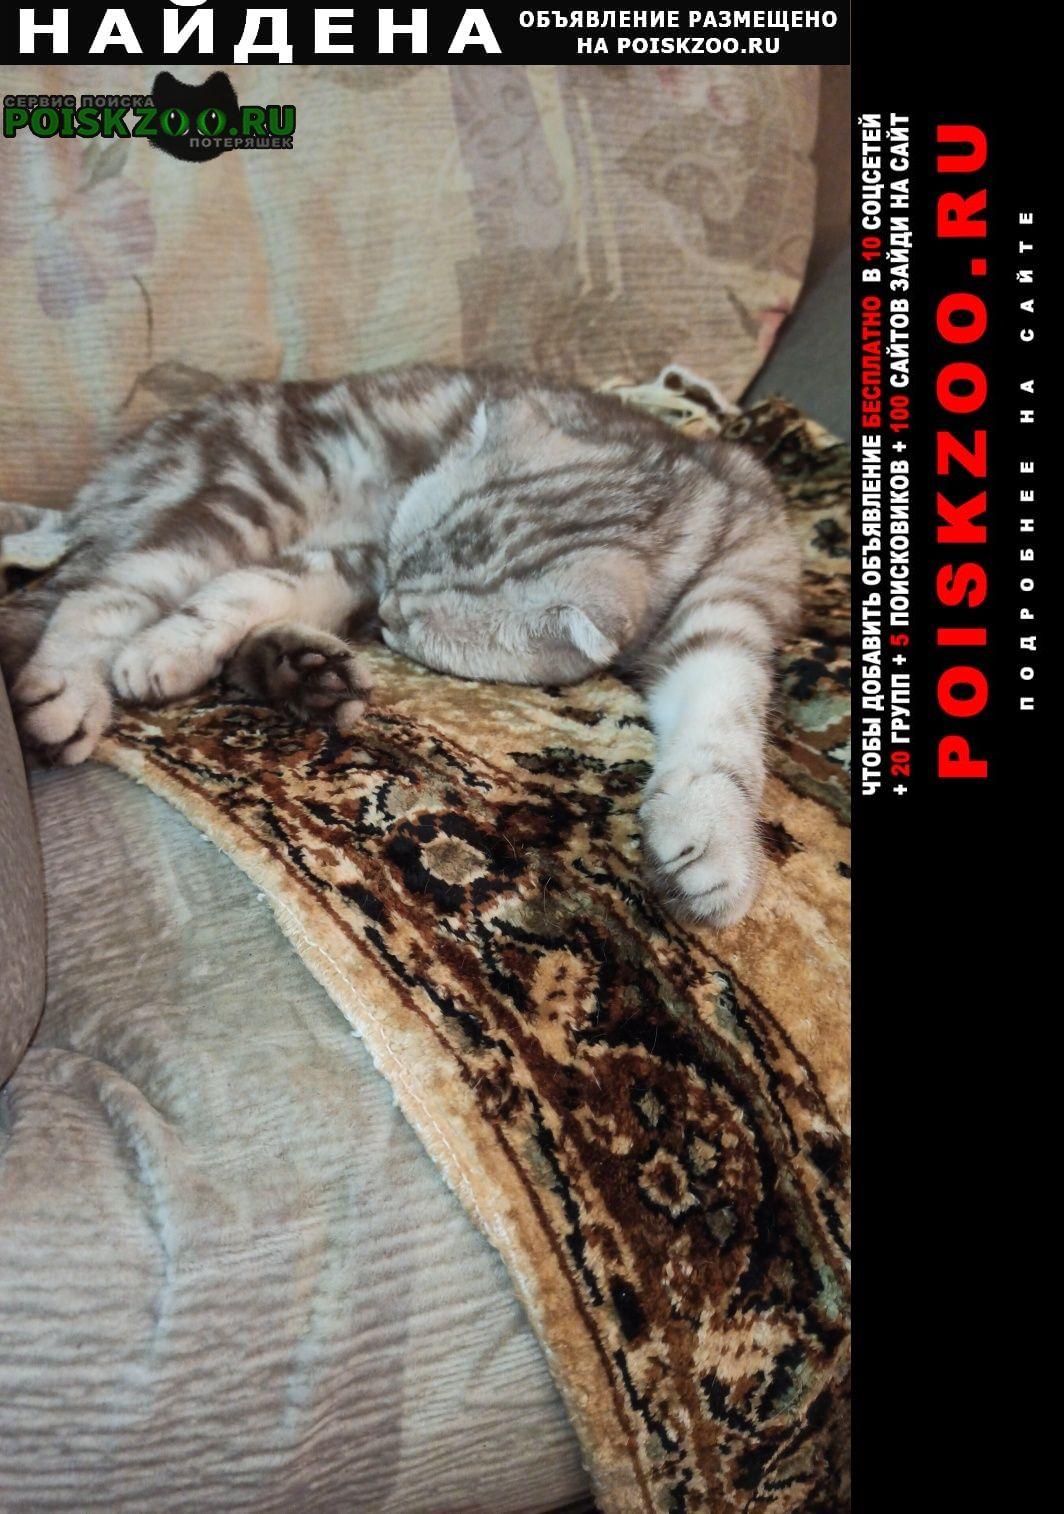 Найдена кошка молодая шотландская кошечка Саратов